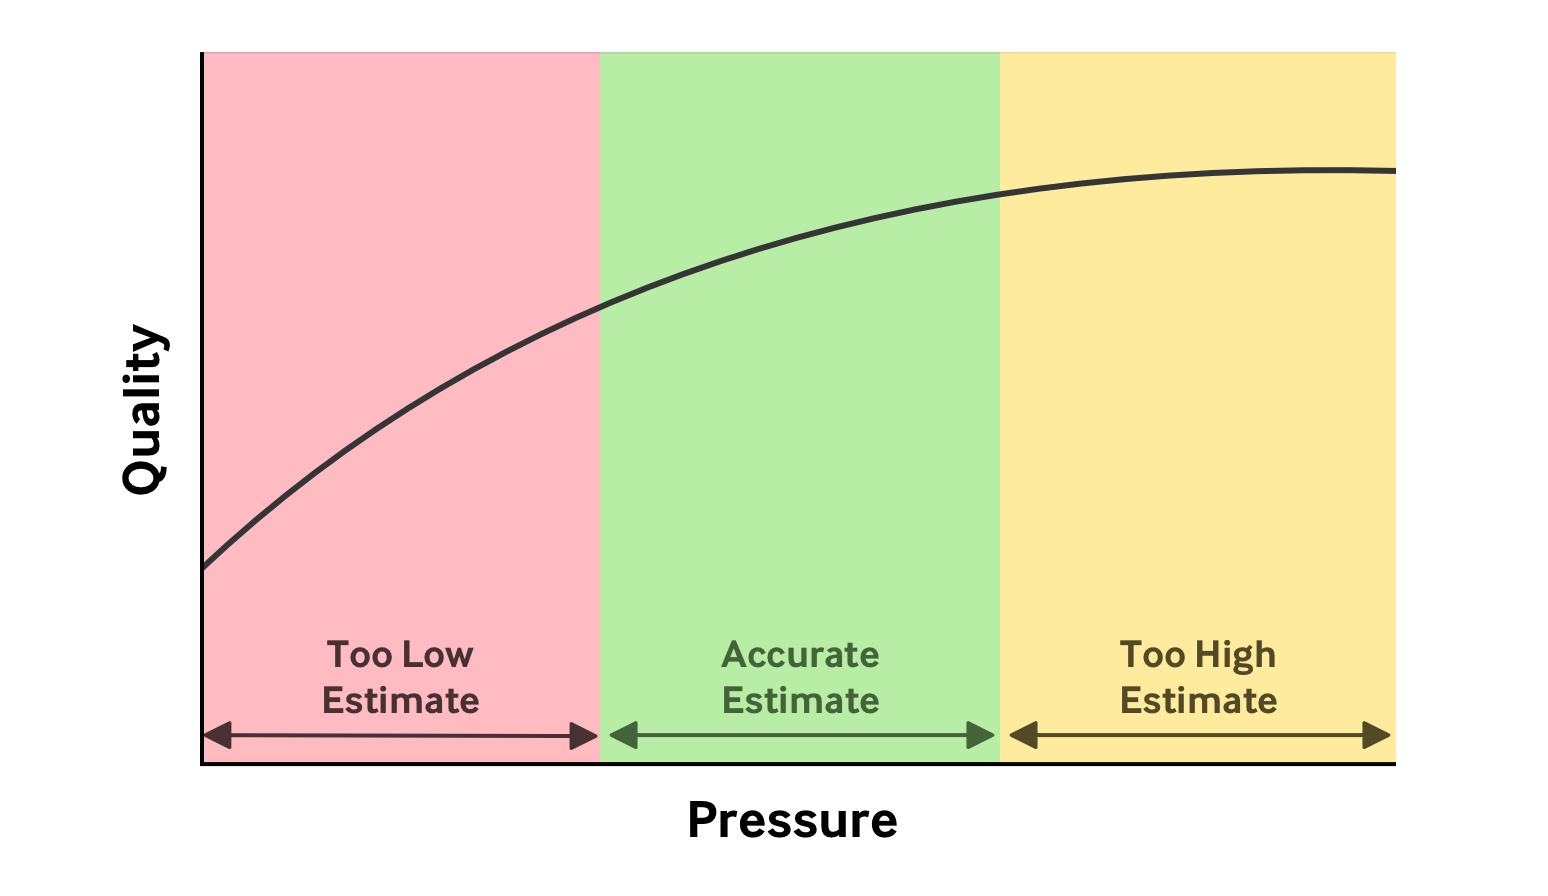 Quality vs Pressure